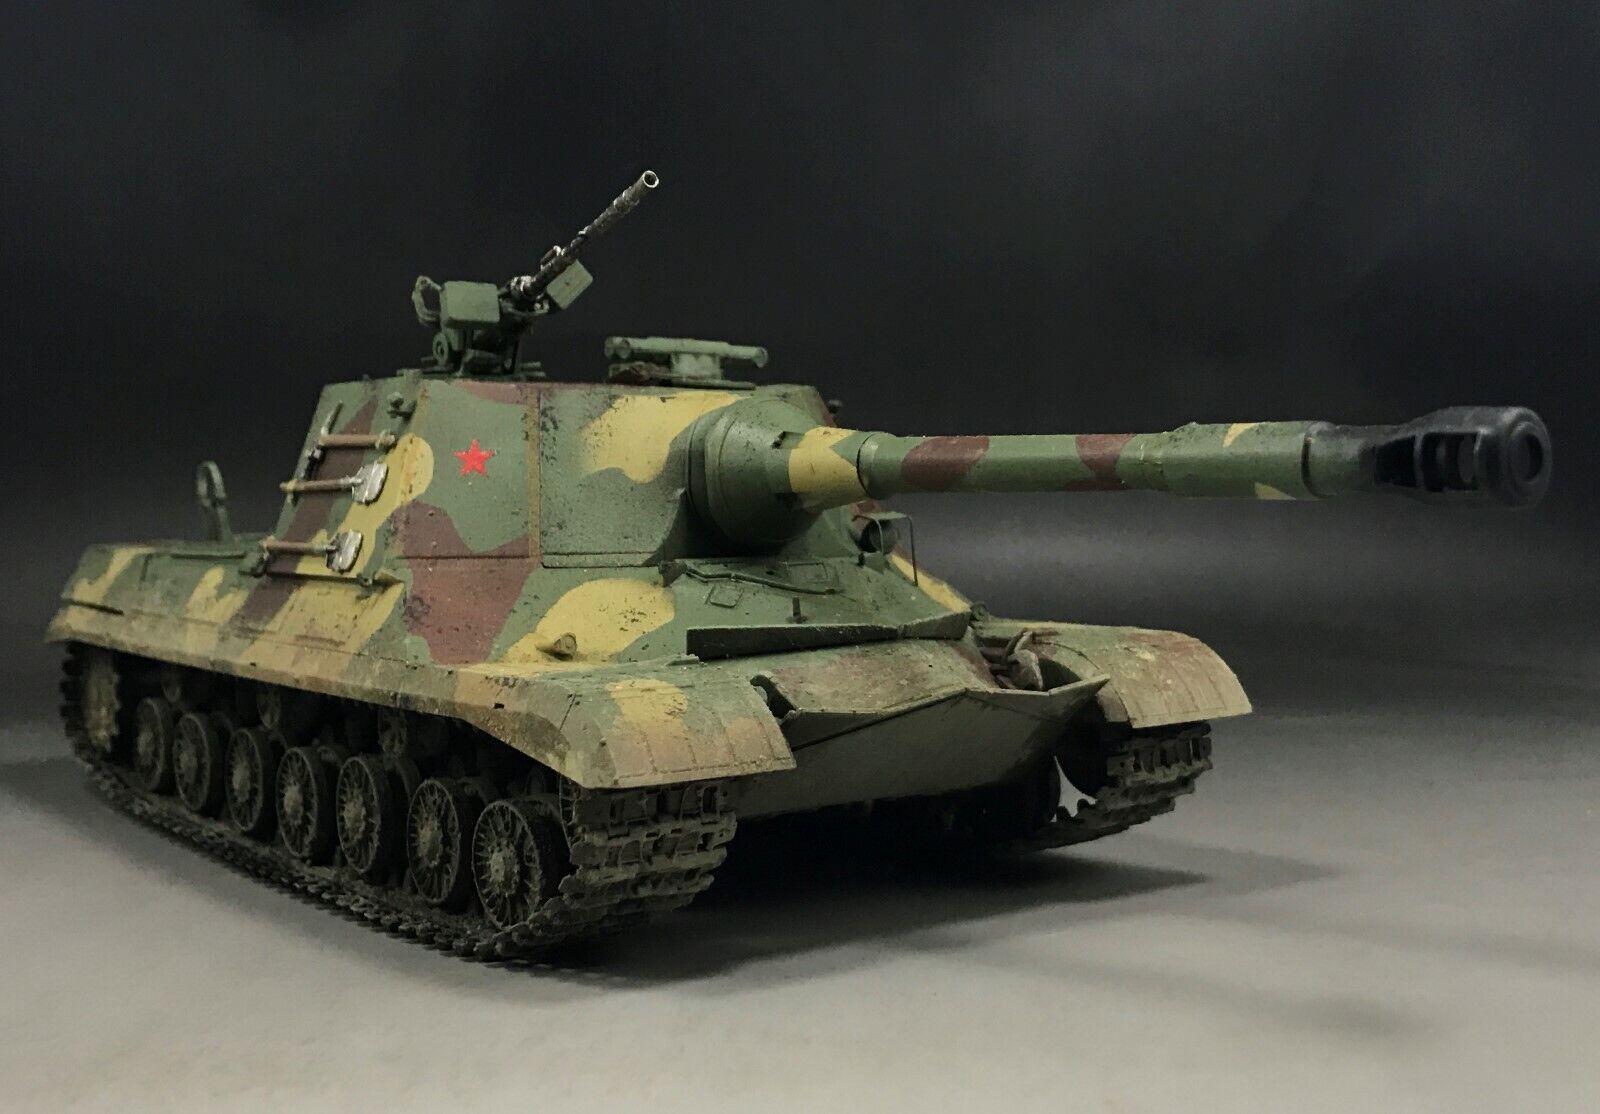 1   35 hornos de trompeta 05544 05544 05544 Sultán 268 modelo de tanque SPG fbe